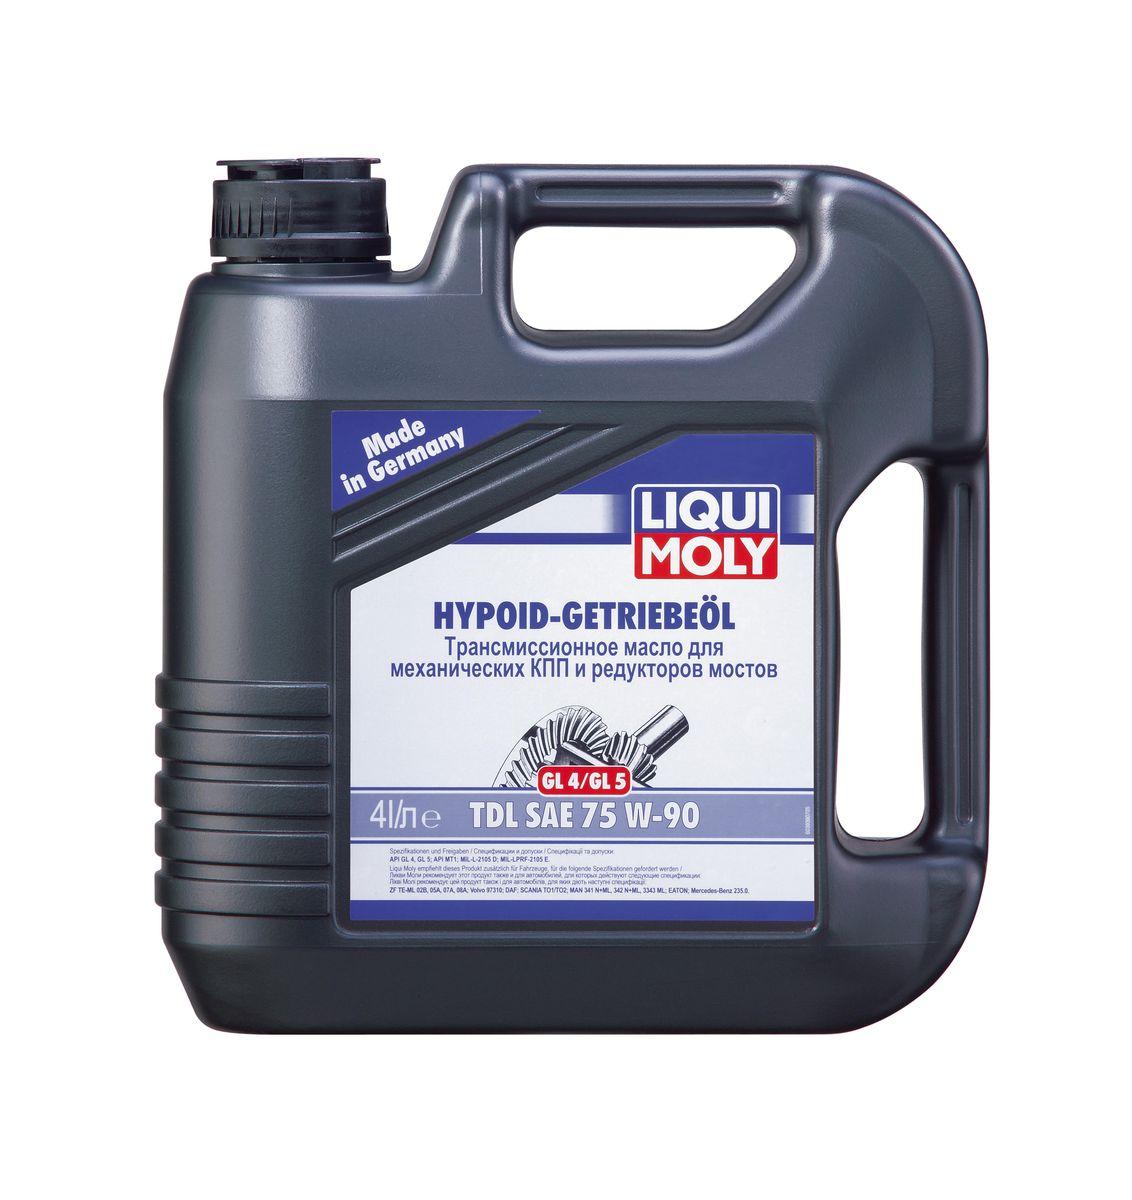 Масло трансмиссионное Liqui Moly Hypoid-Getriebeoil TDL, полусинтетическое, 75W-90, GL-4/GL-5, 4 л масло трансмиссионное liqui moly hypoid getriebeoil tdl полусинтетическое 75w 90 gl 4 gl 5 1 л